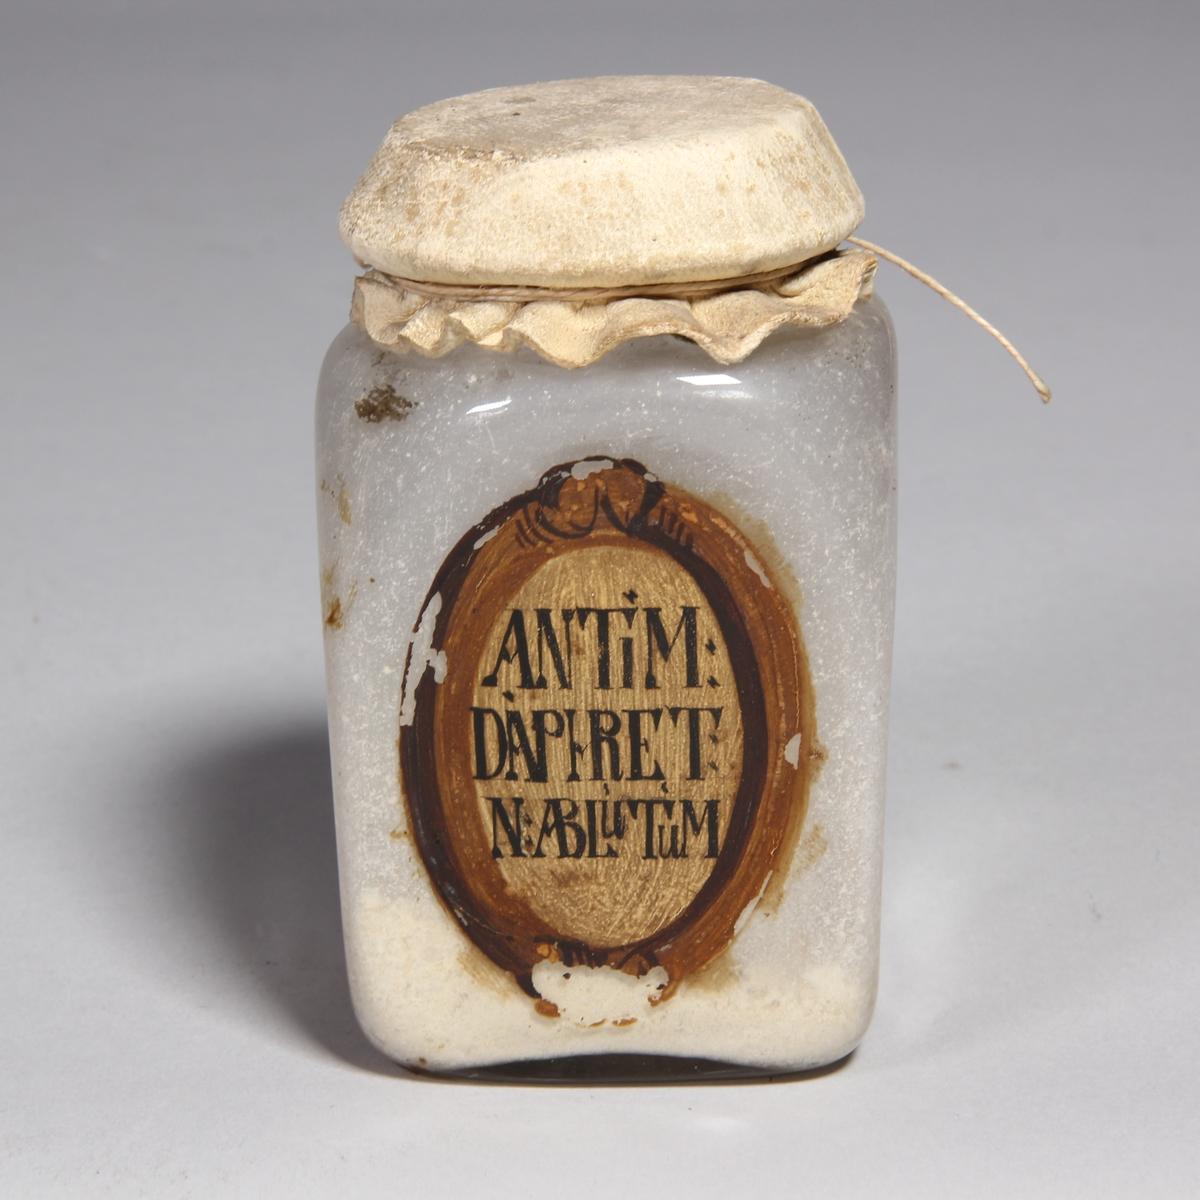 Burk av klart glas, kvadratisk med runt överbundet lock av skinn fäst med snöre. Innehåller vitt puver.